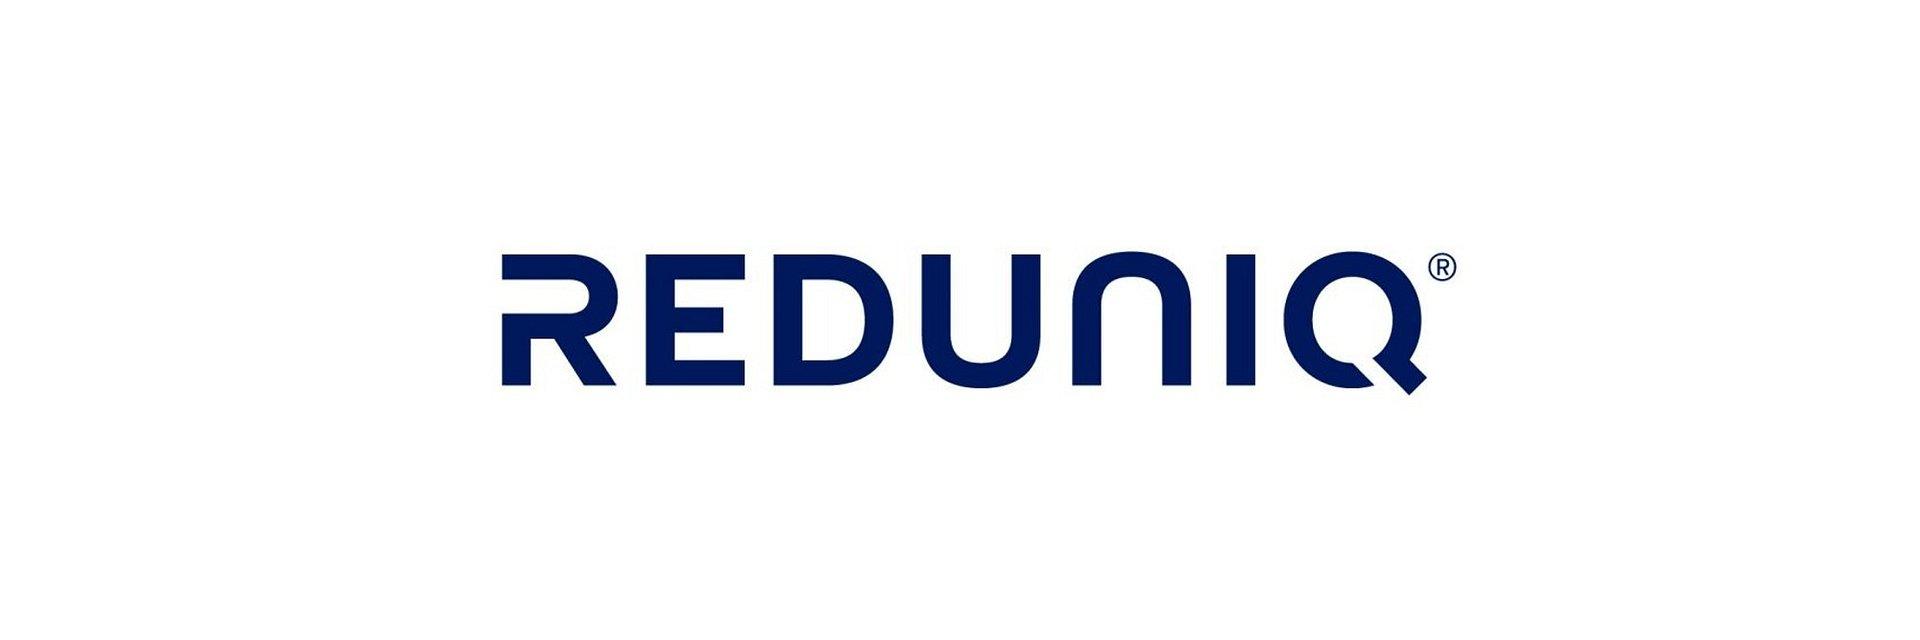 REDUNIQ quer apoiar a retoma da faturação estrangeira com solução de conversão de moeda